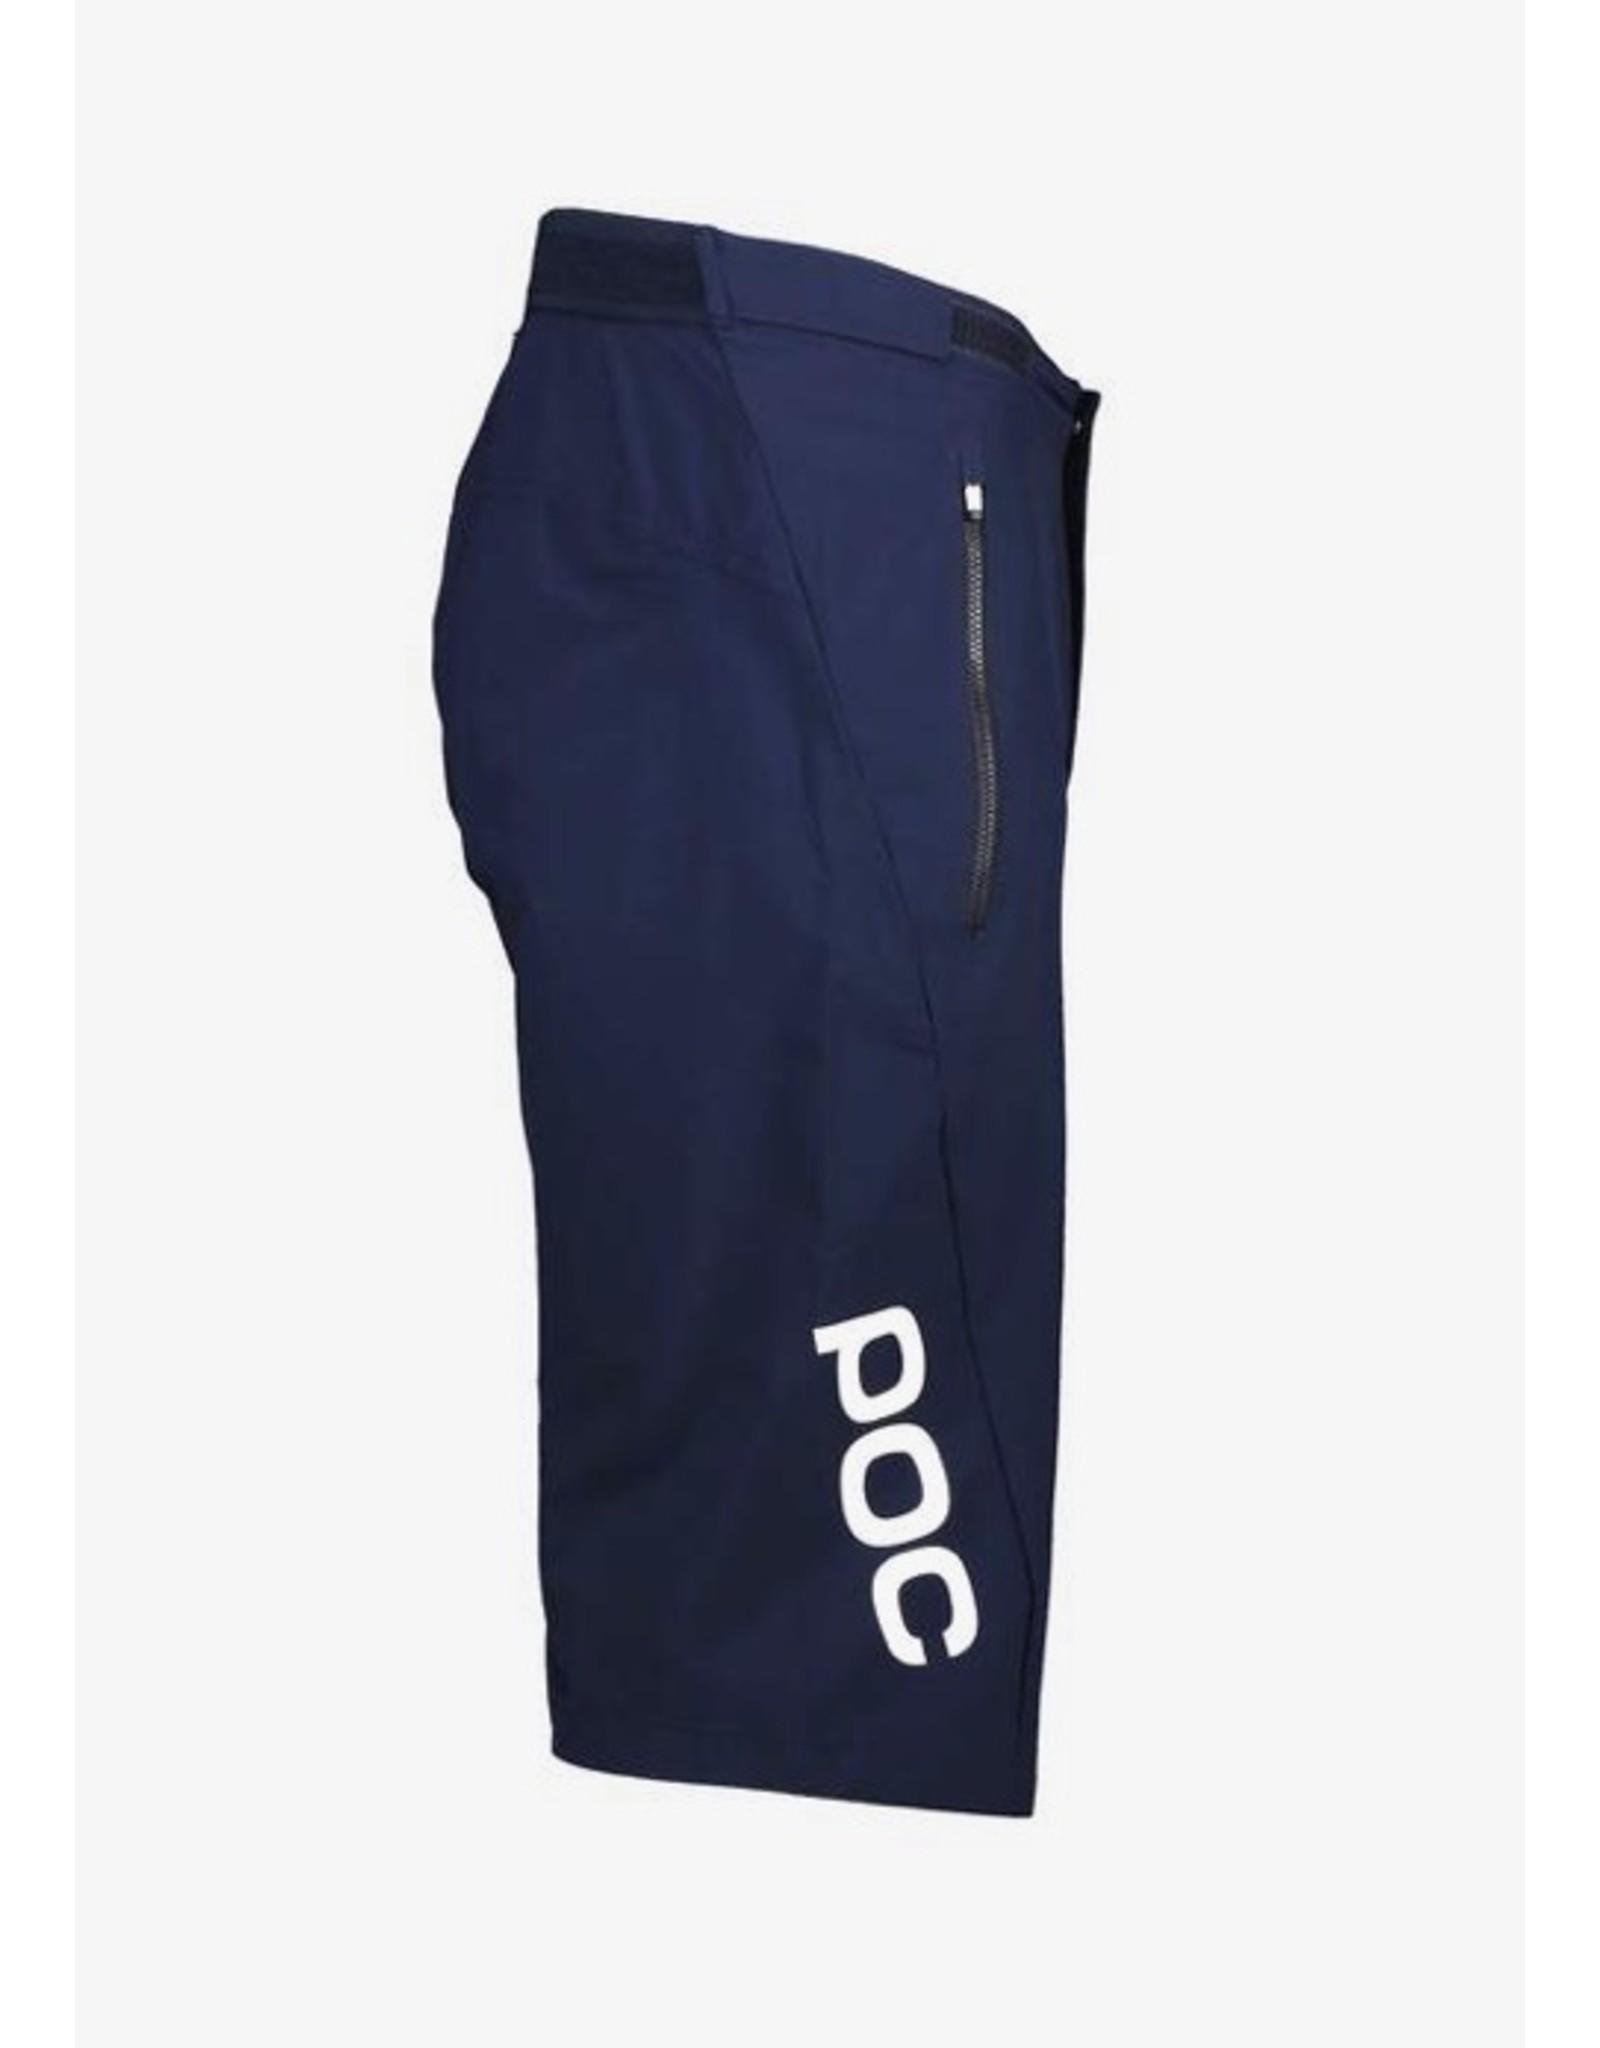 POC POC Essential Enduro Shorts Turmaline Navy